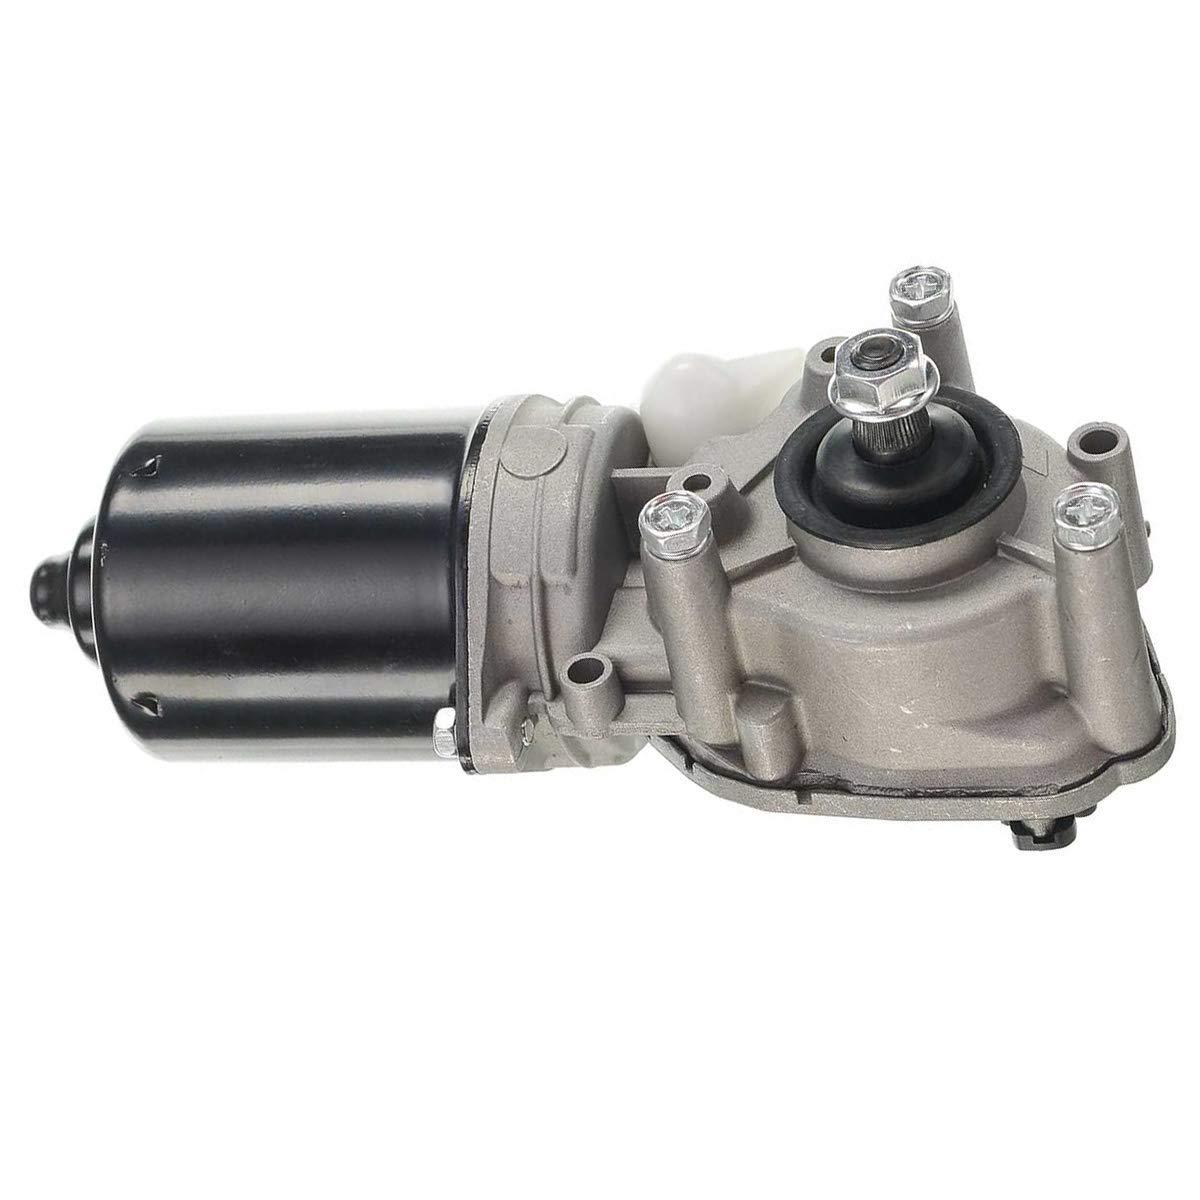 Motor de limpiaparabrisas delantero para Grand Sc/énic II JM0//1/_ 2003-2019 7701056003